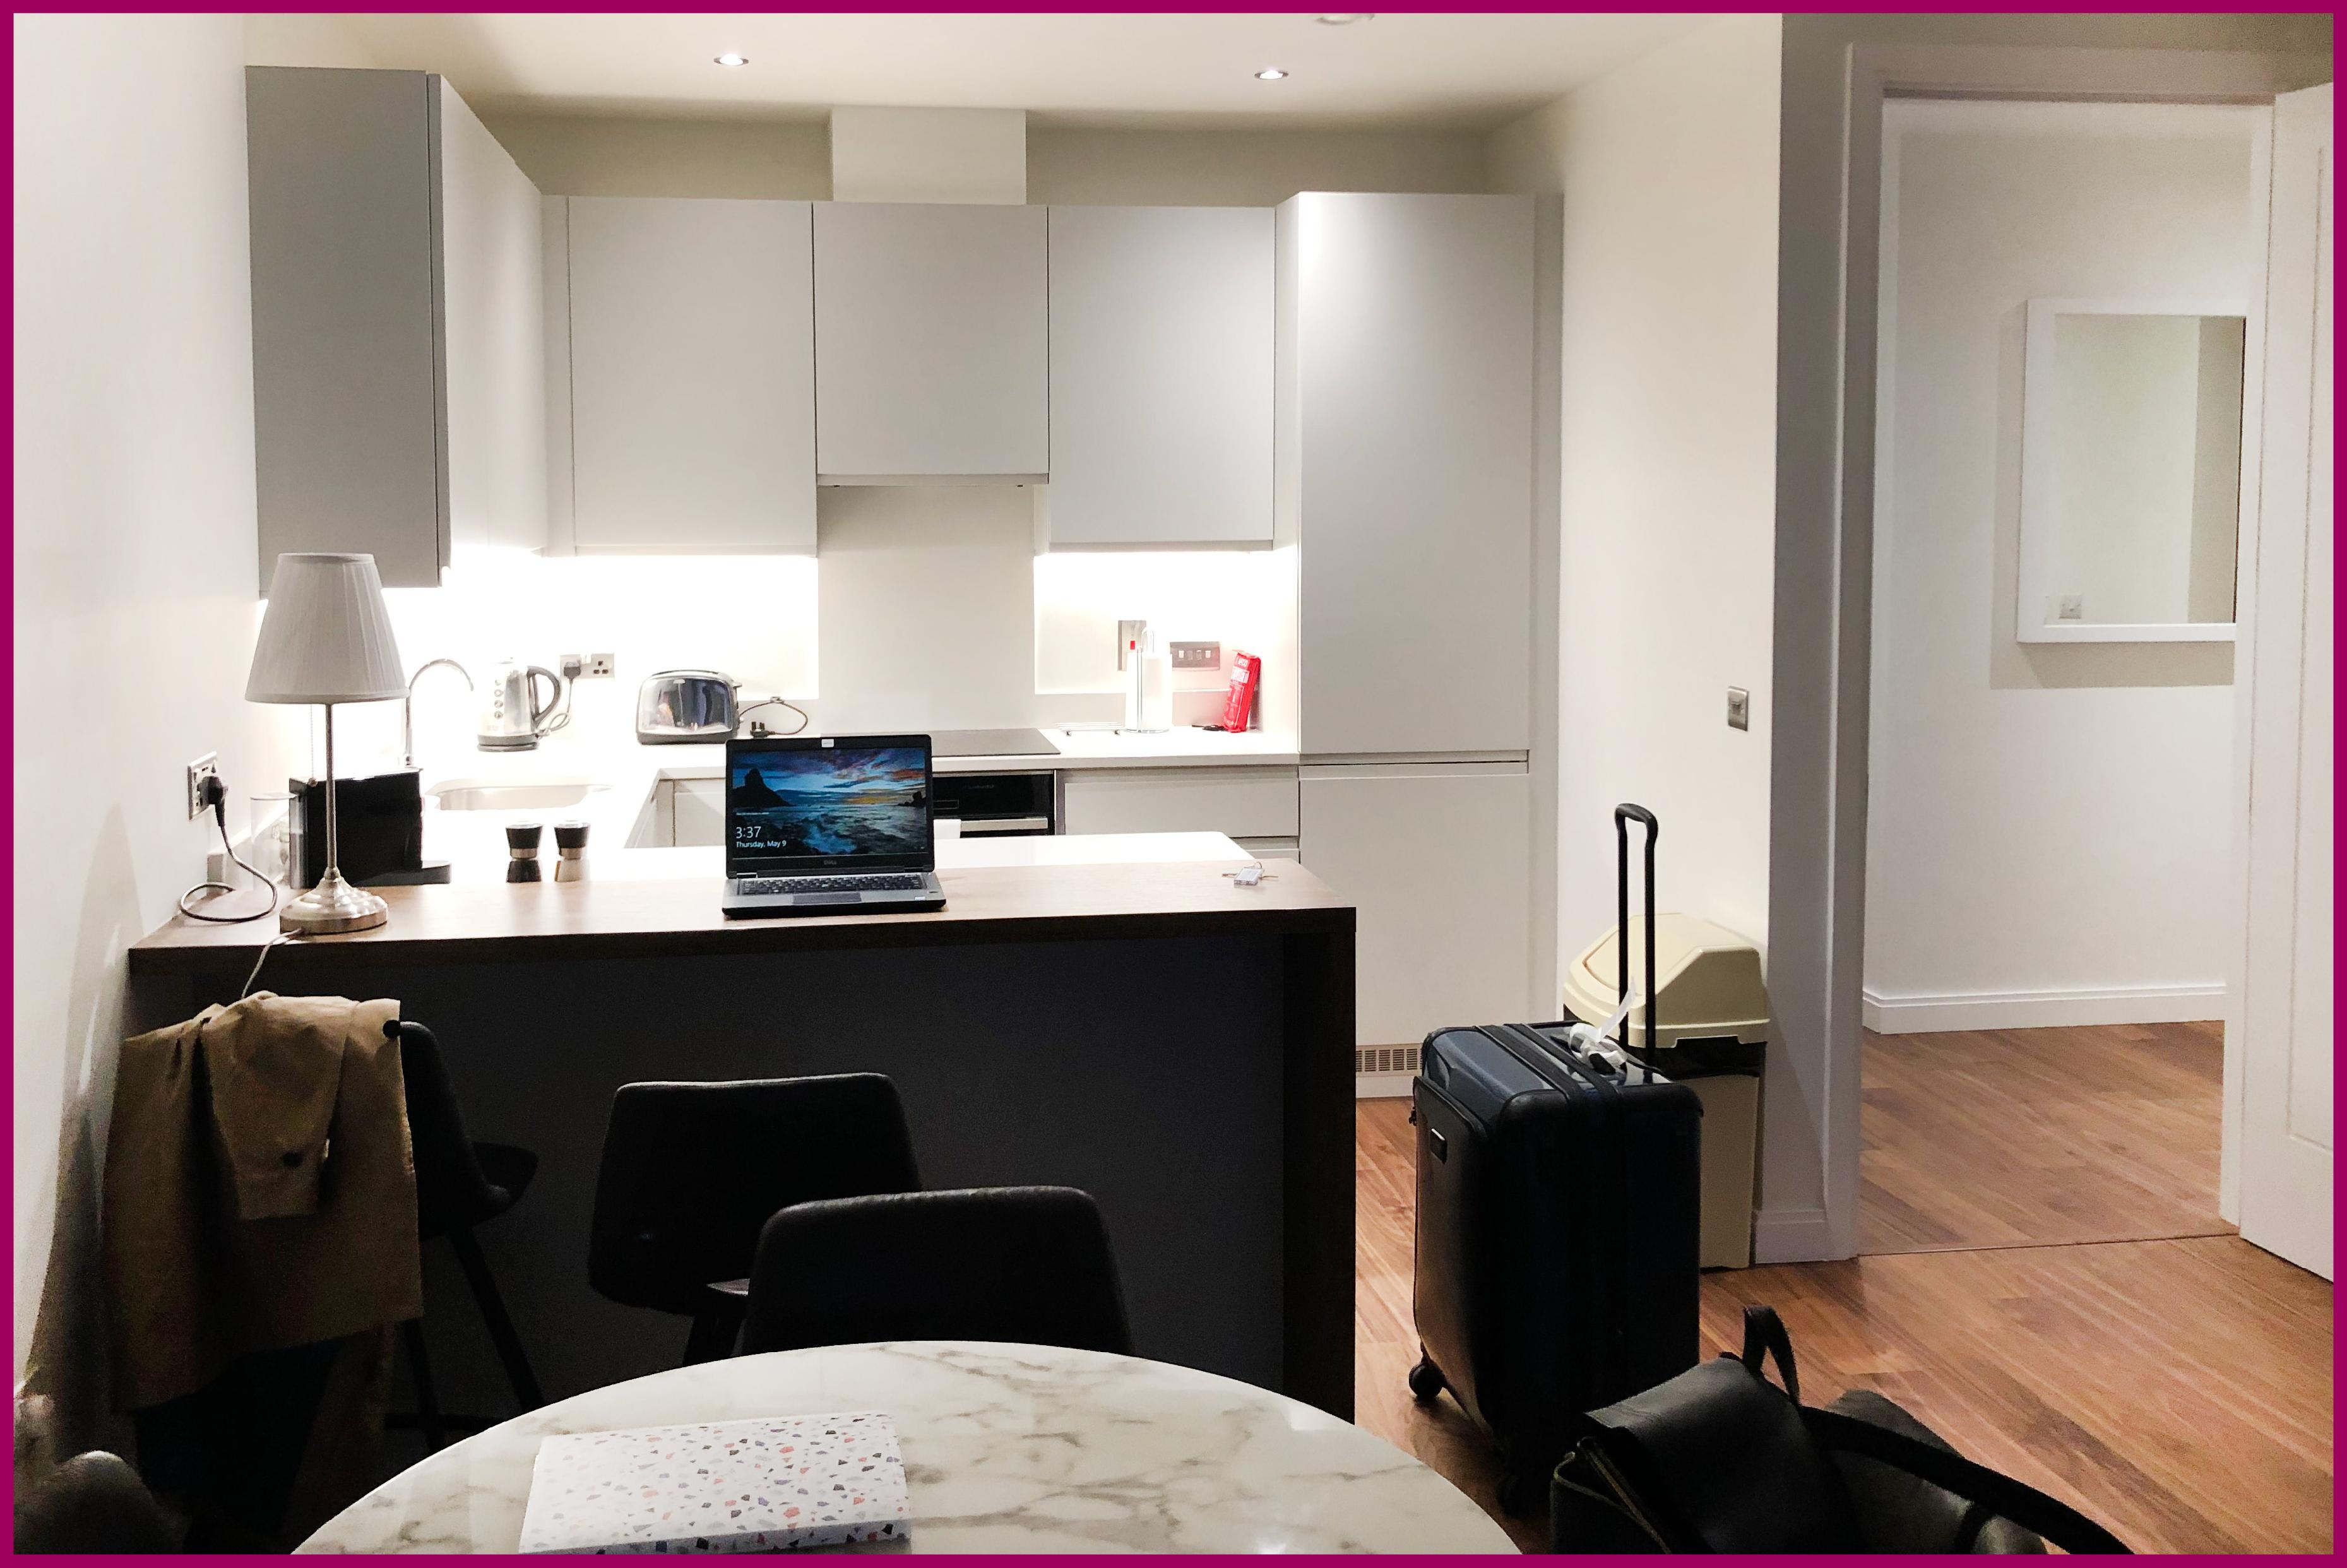 Blog_kitchen